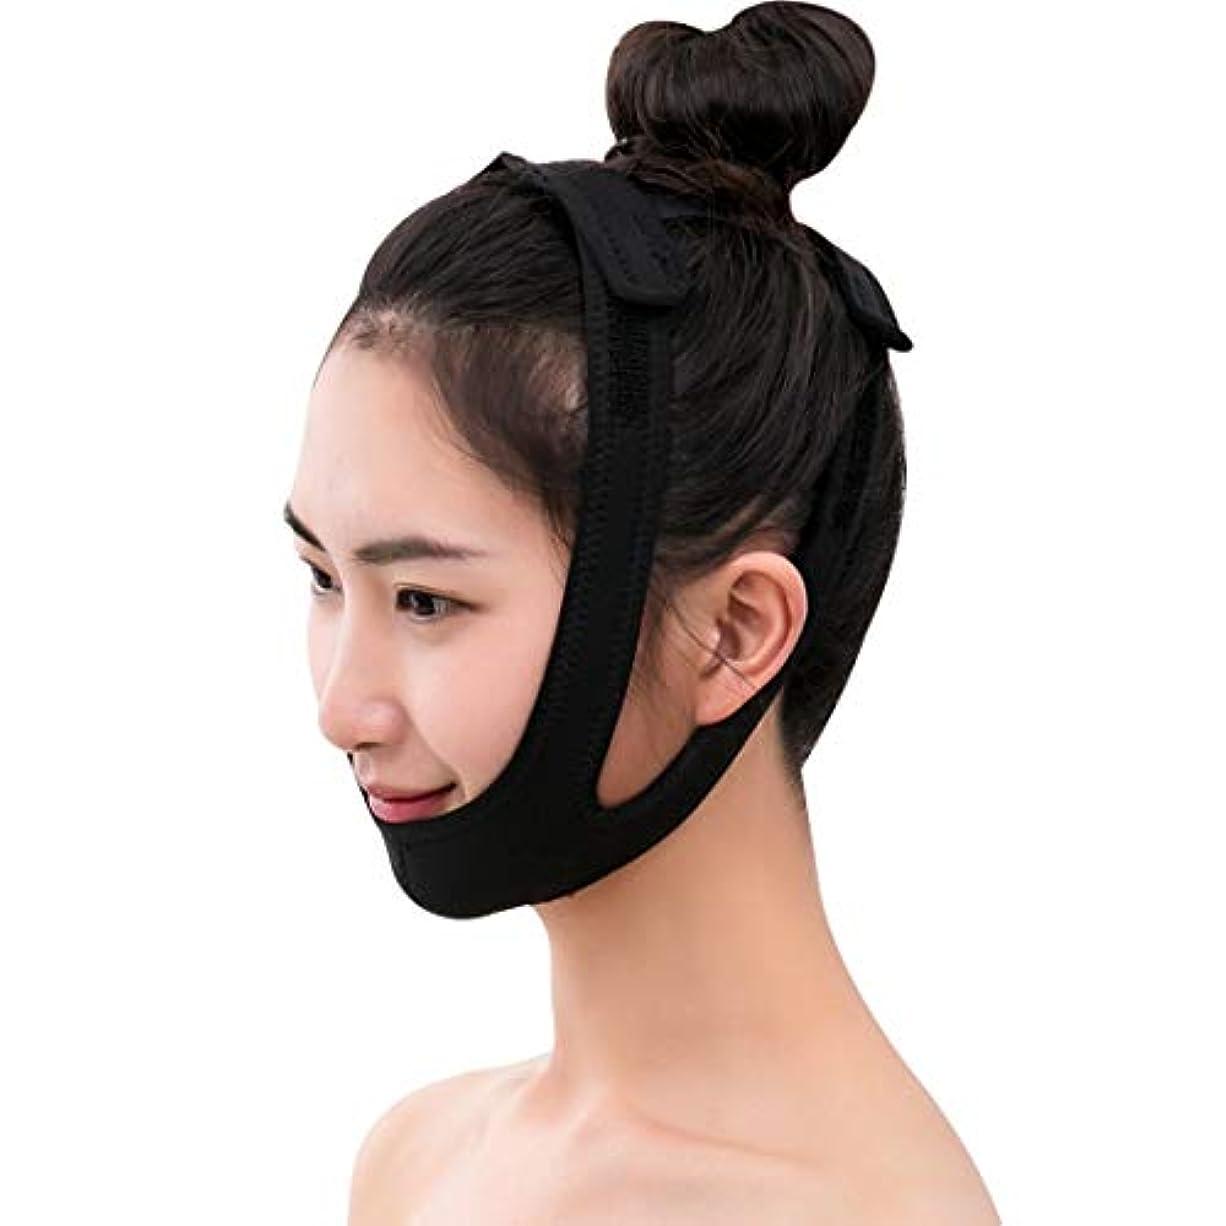 ポーチ戸棚ブースZWBD フェイスマスク, フェイスリフティング包帯マスク小さなVフェイス包帯はツールで引くことができます睡眠薄い顔の顔の持ち上がる美顔のマッサージ調整可能なサイズブラック